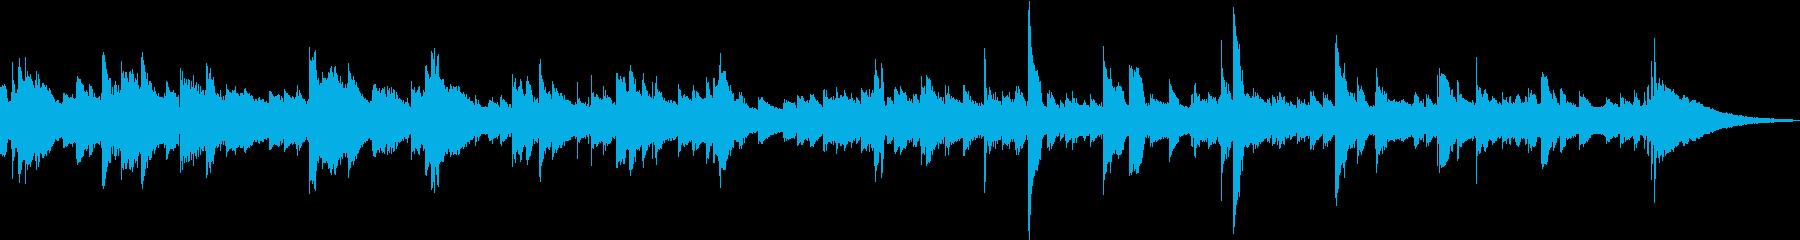 青空の様な澄み切ったサウンドの再生済みの波形